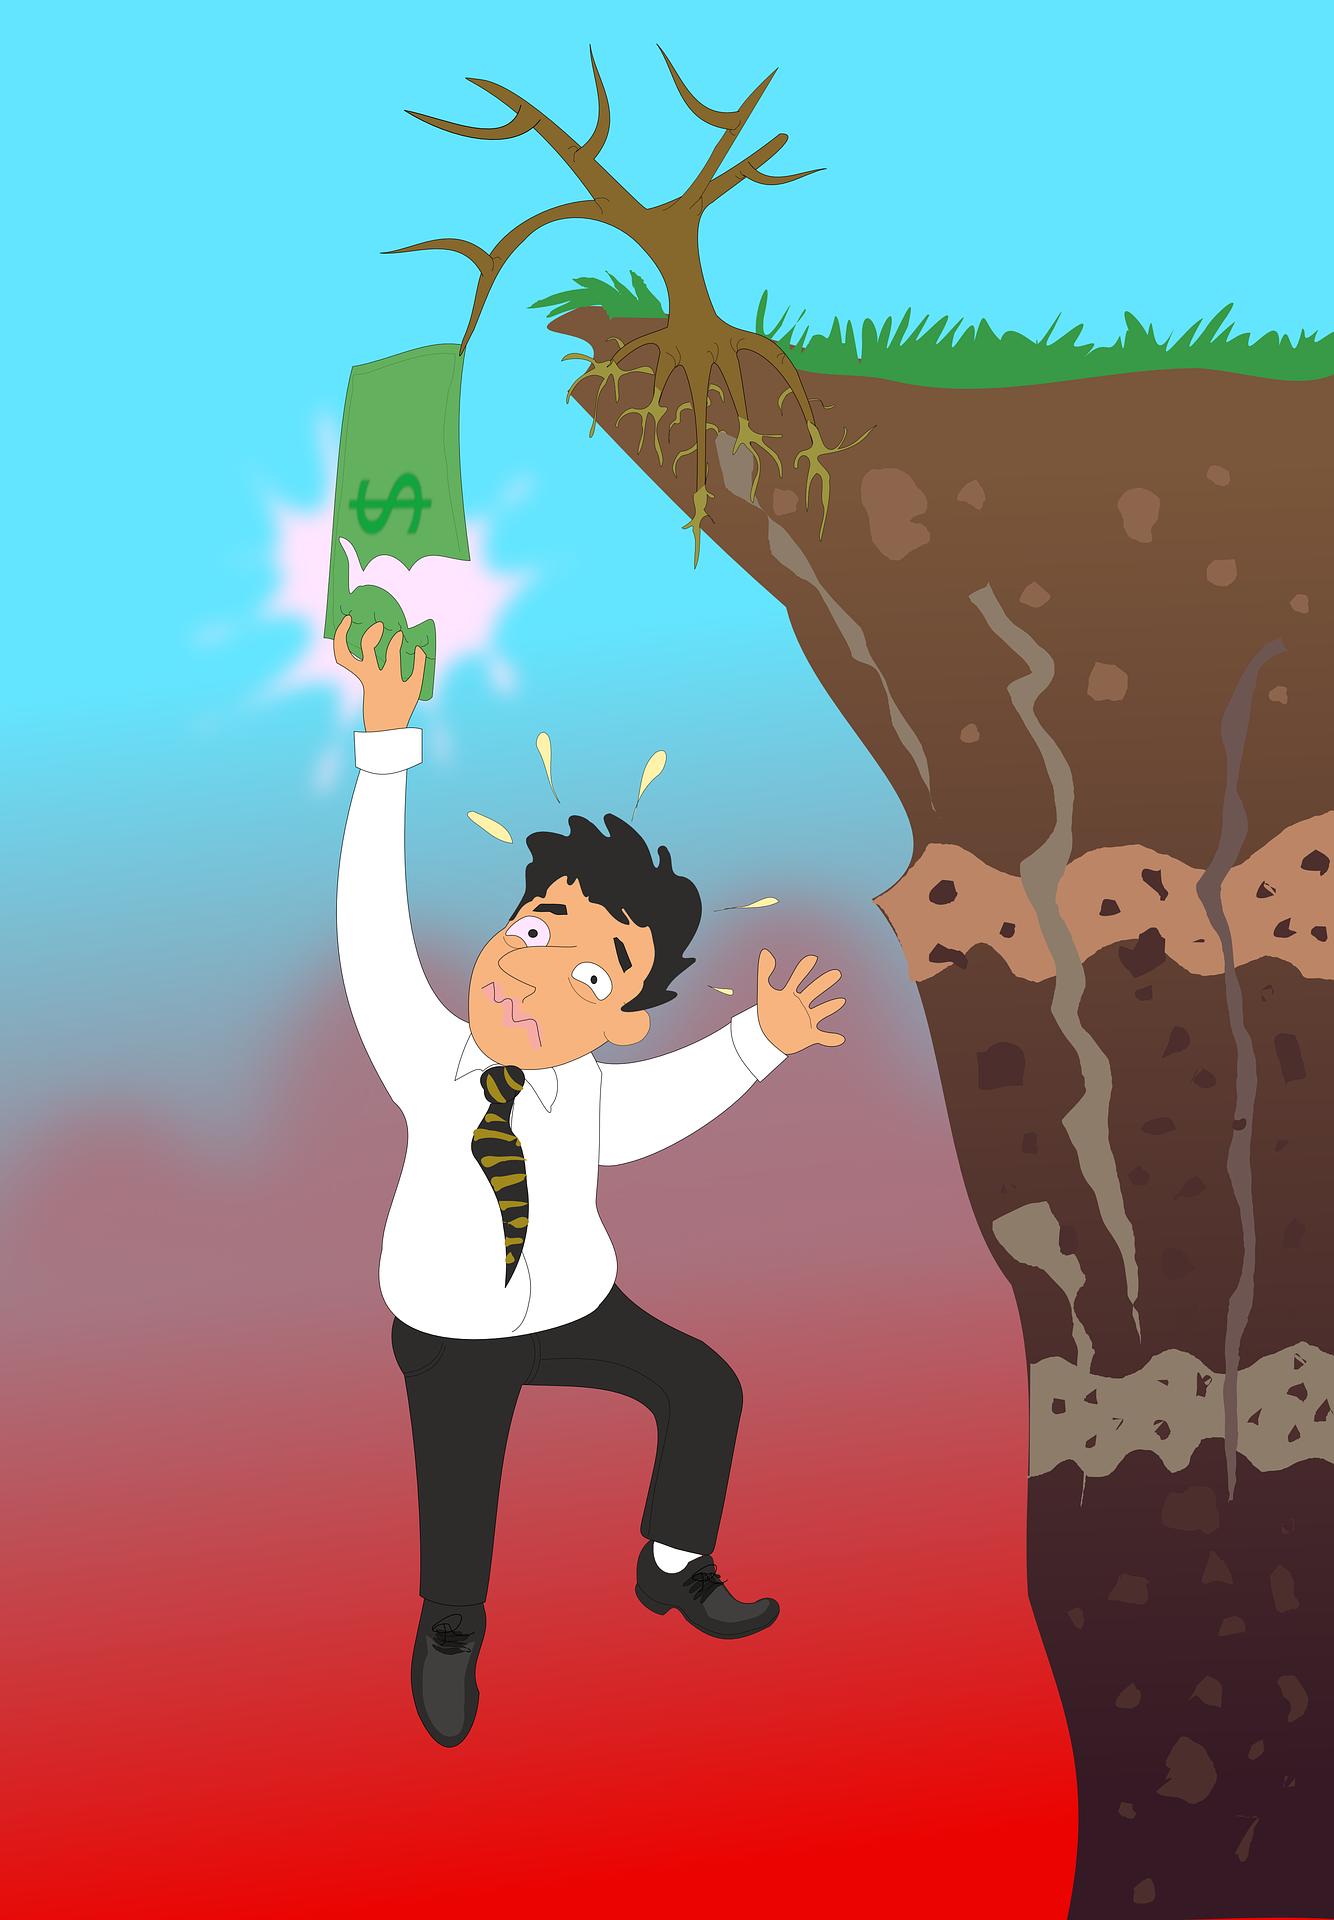 Der Wunsch nach weniger Schulden kann beflügeln